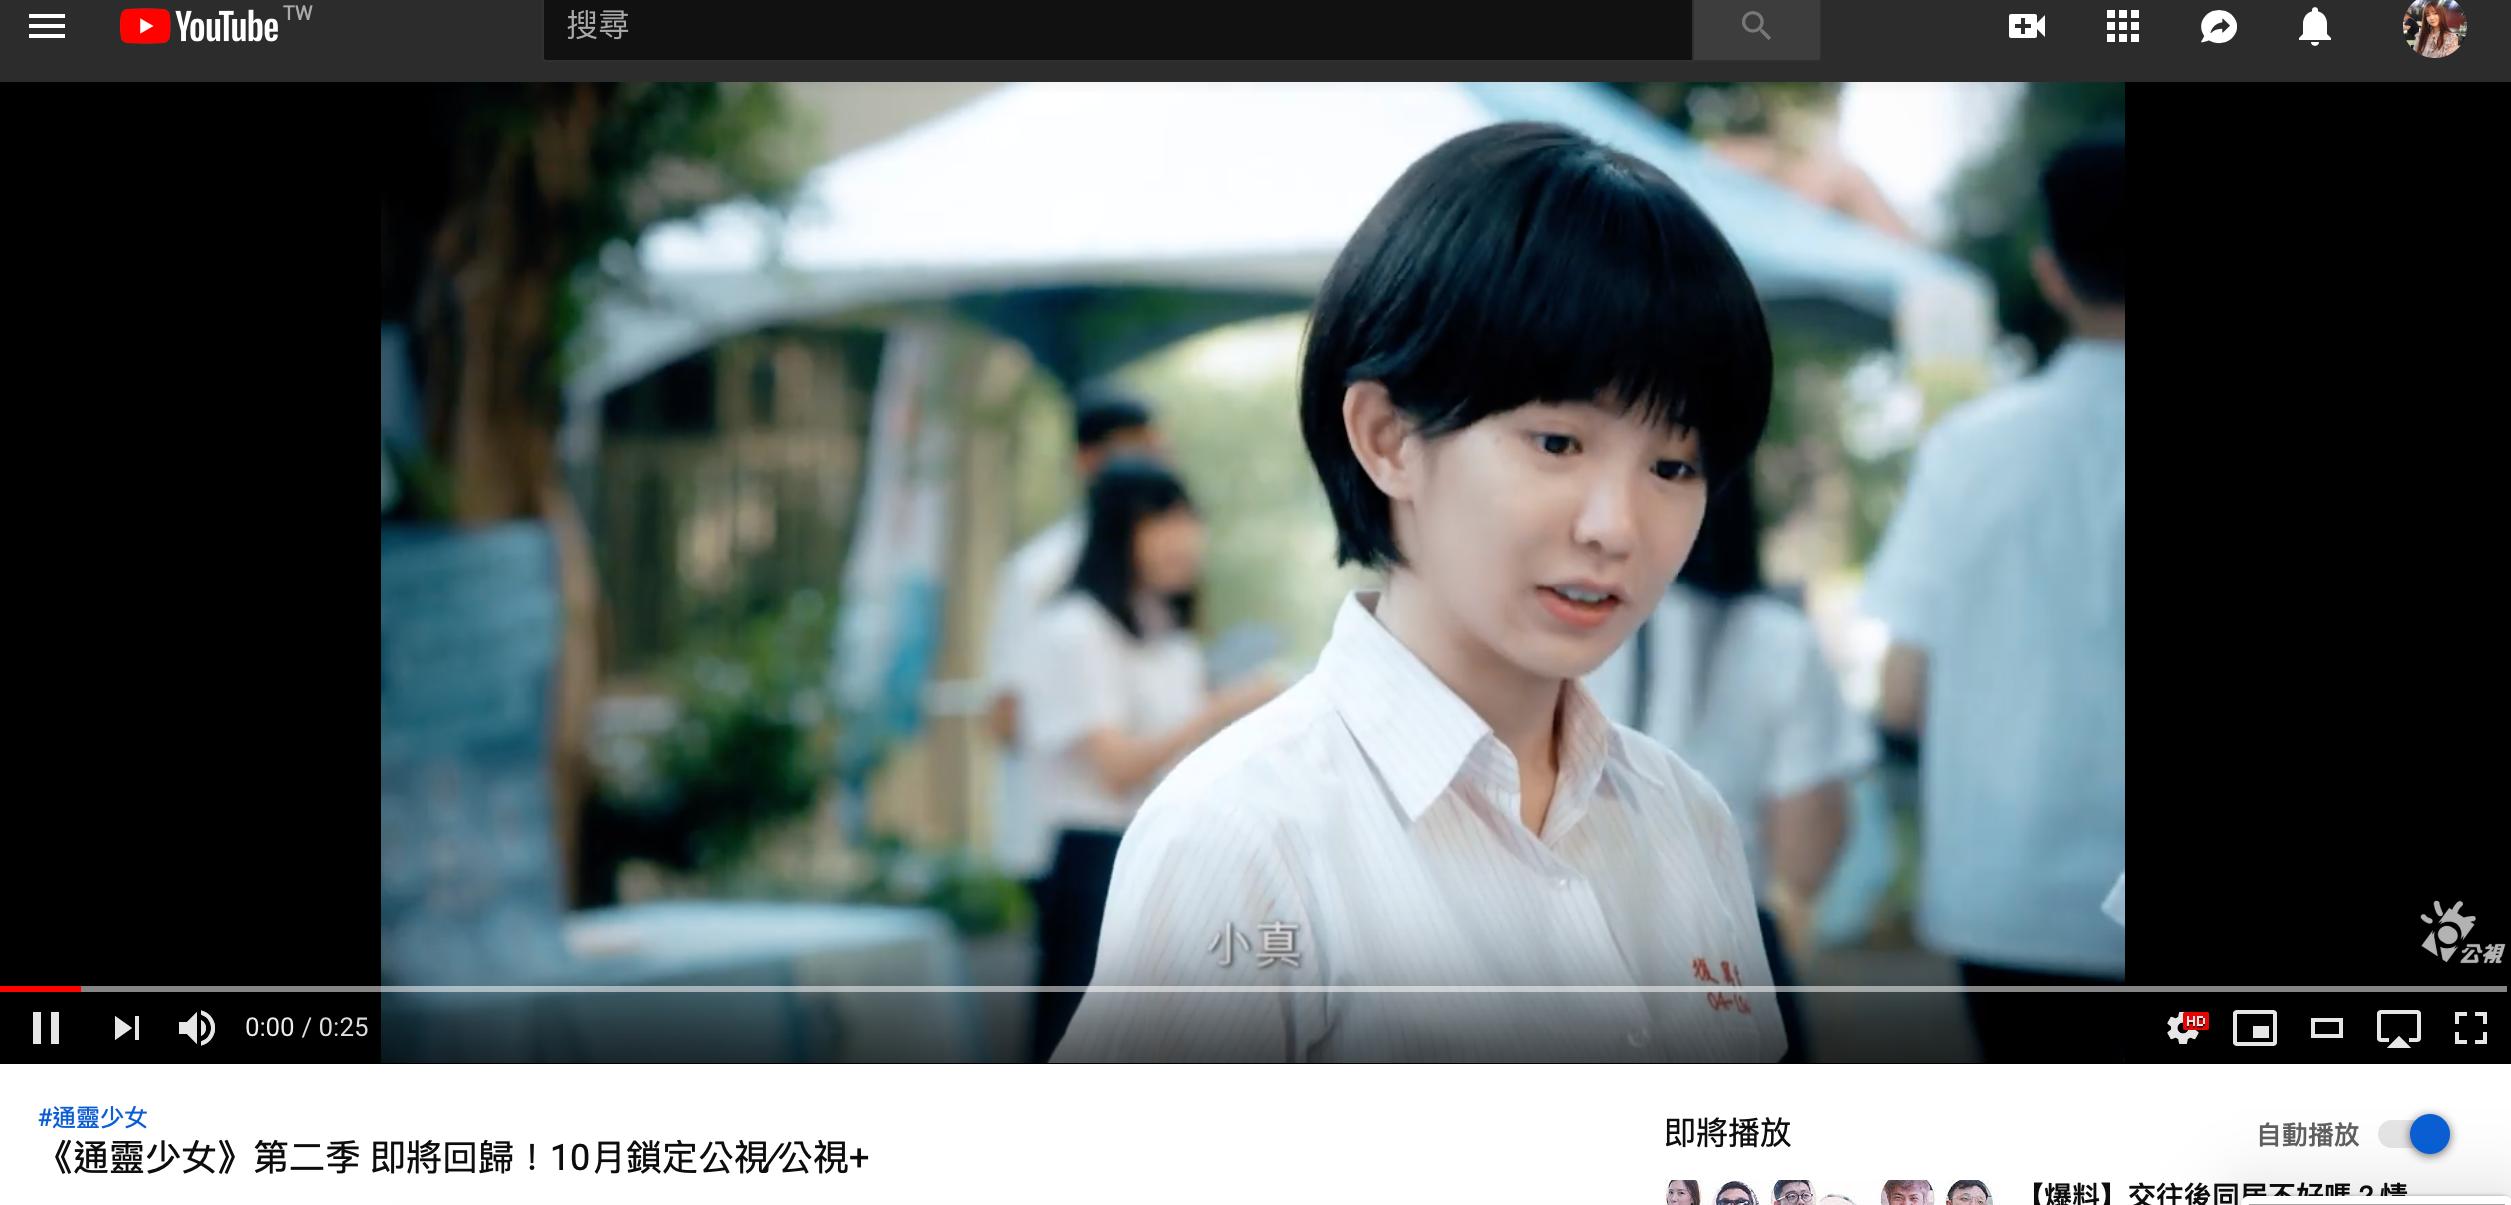 謝雅真回來了! 《通靈少女2》前導影片曝光。(圖/翻攝自IG、臉書)